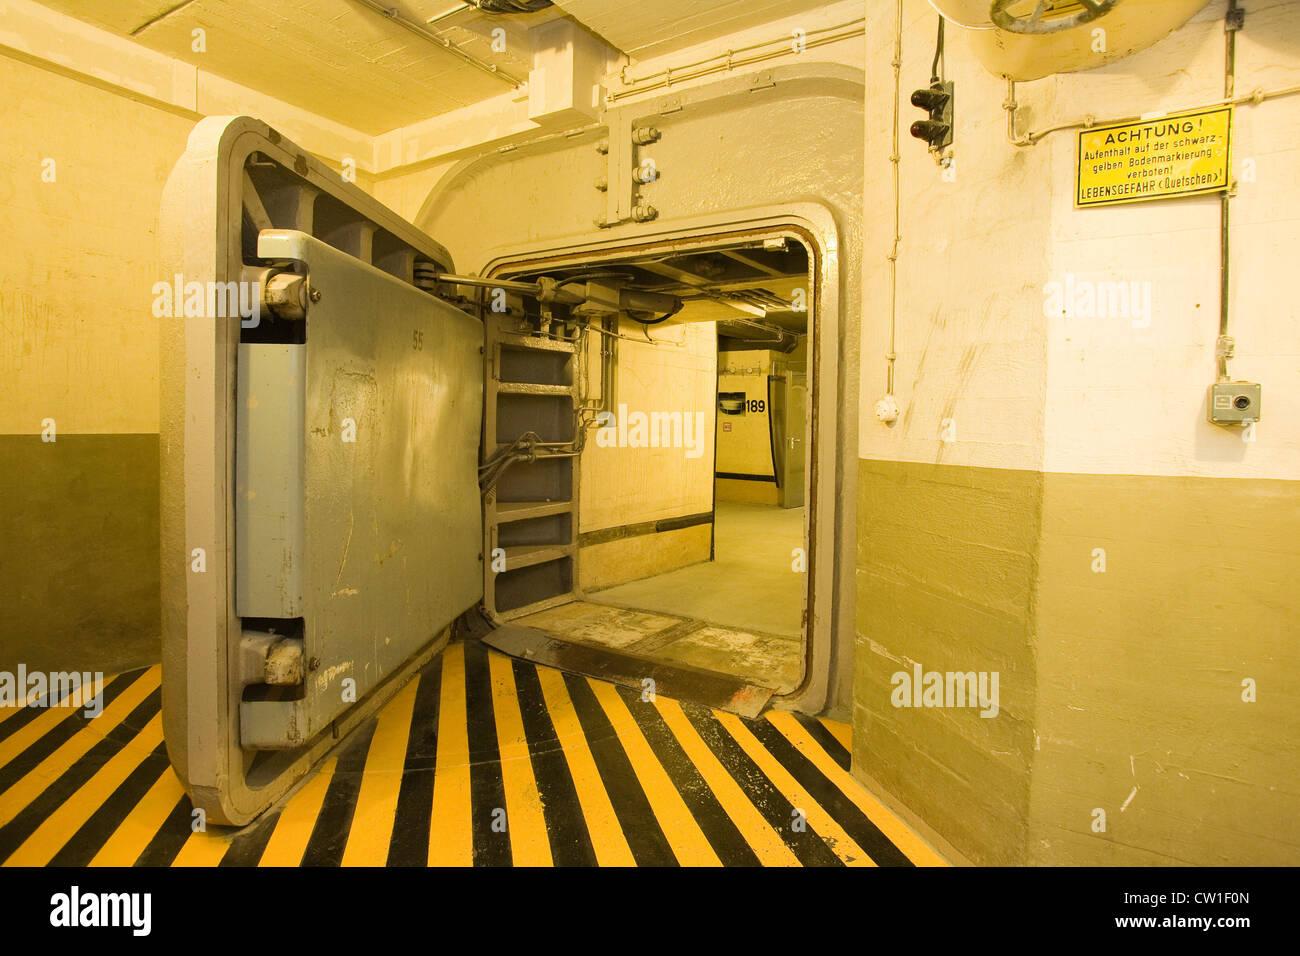 emergency refuge area stock photos emergency refuge area stock images alamy. Black Bedroom Furniture Sets. Home Design Ideas